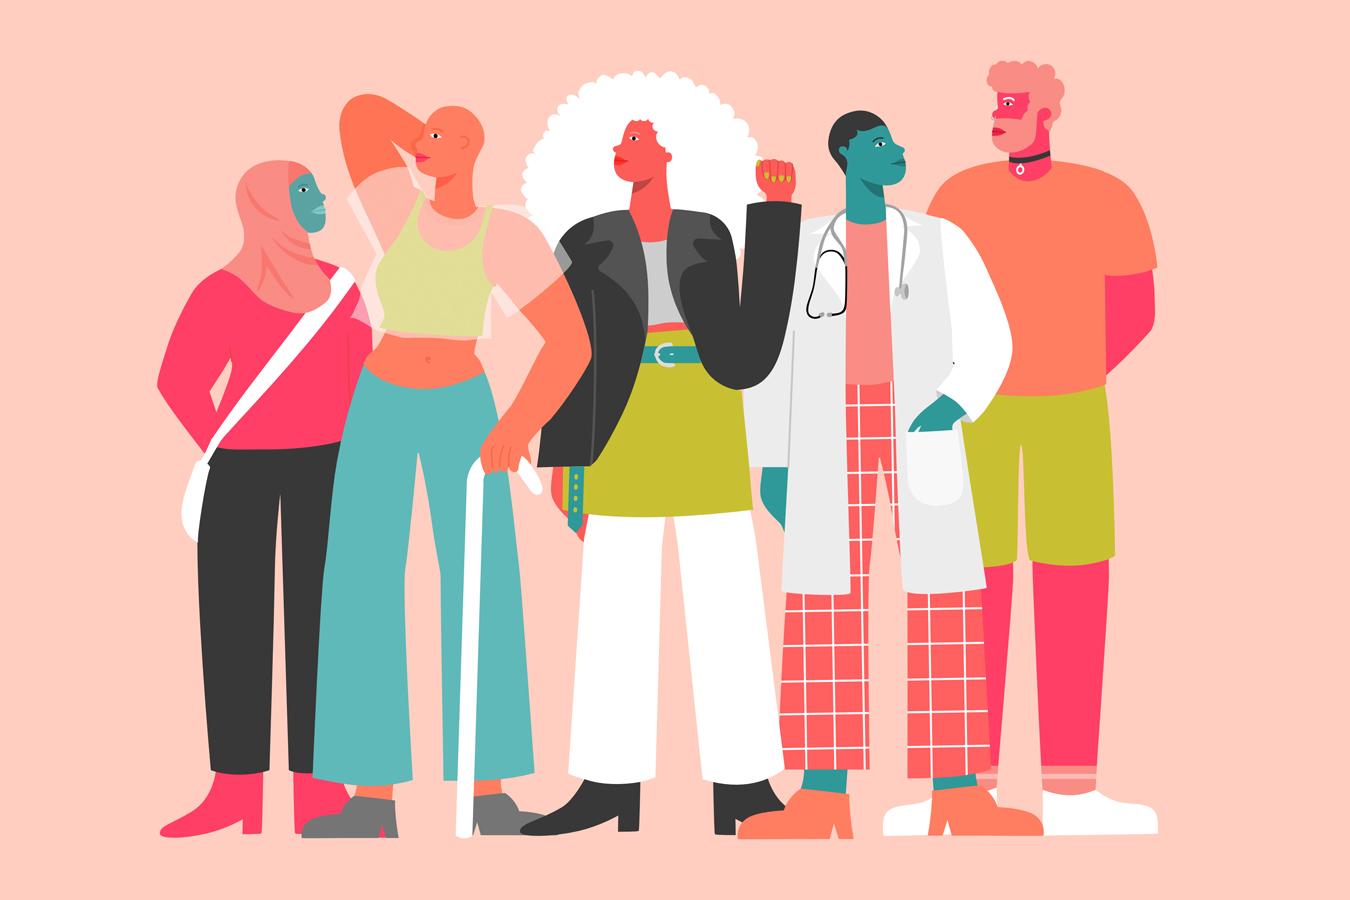 مرز بین هویت و گرایش خود را چطور بشناسیم؟